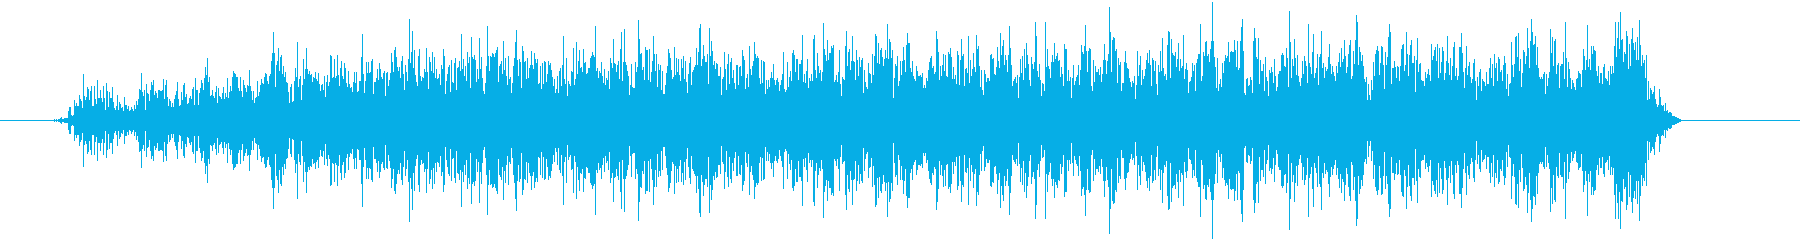 ウィーーン(モーター)の再生済みの波形